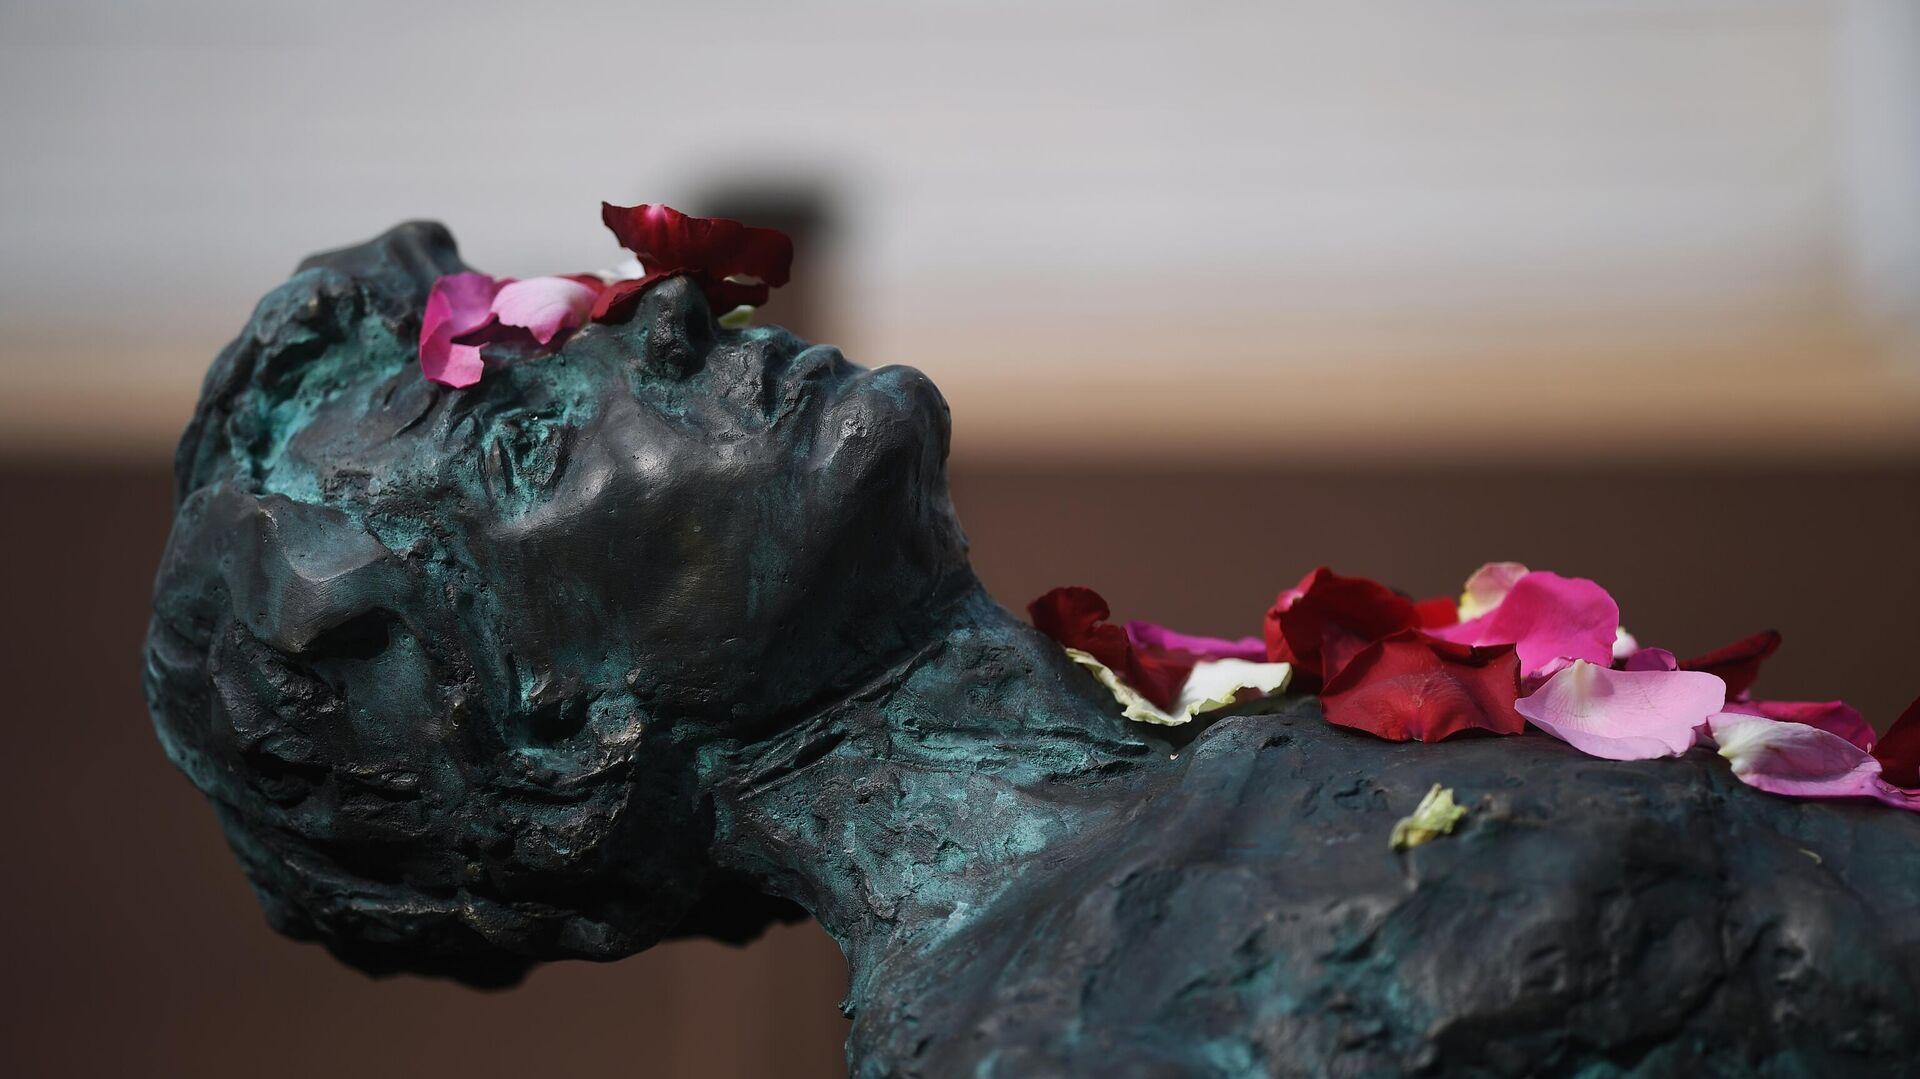 1577947482 0:51:3072:1778 1920x0 80 0 0 7b953ba251b4dea20bb7977508a92b41 - В Москве открыли памятник Сергею Есенину к 125-летию поэта